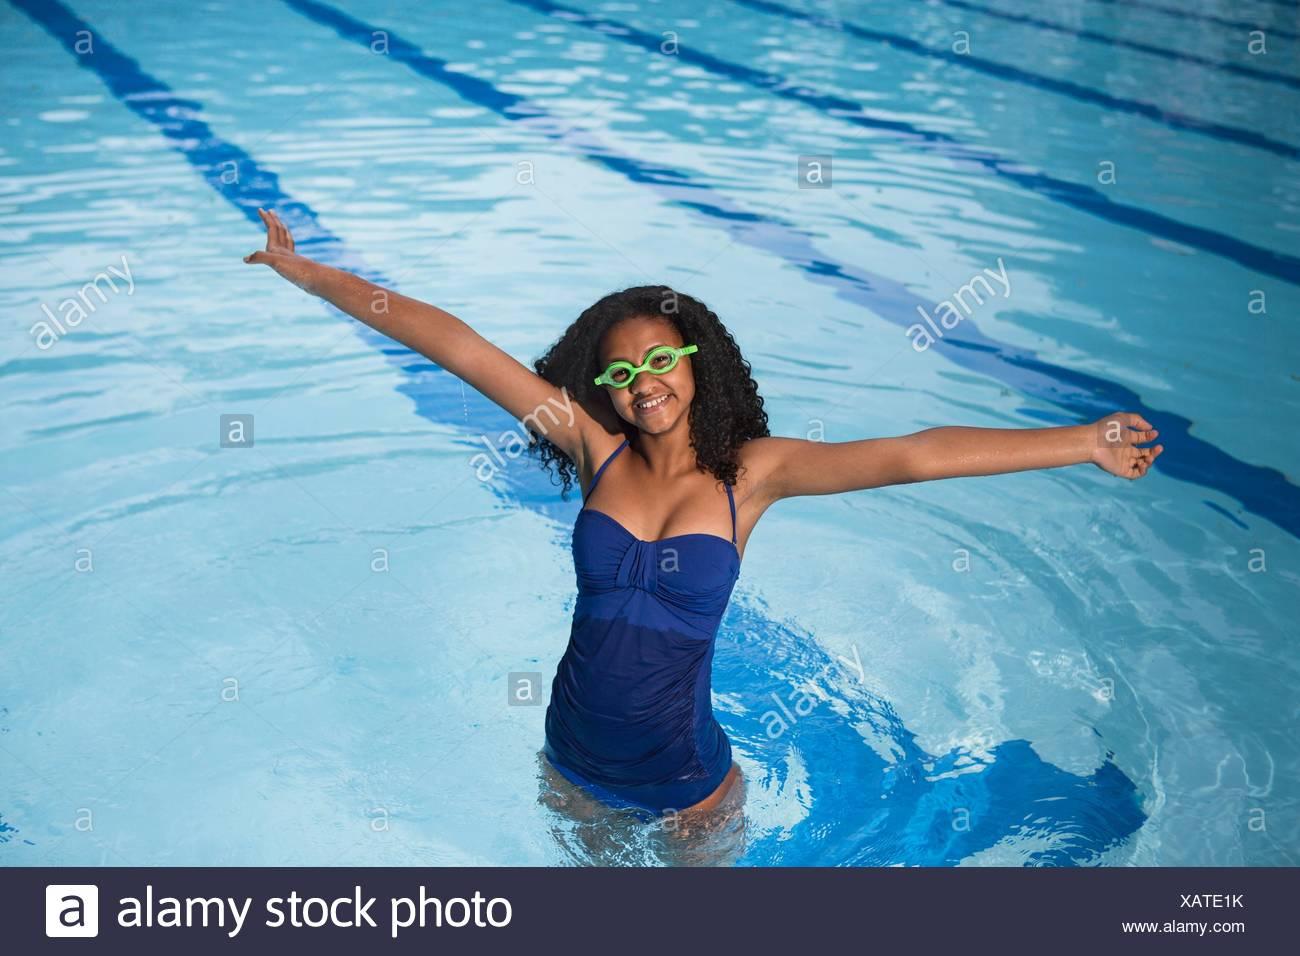 Retrato de niña de pie en la piscina llevar gafas de natación, con los brazos en alto, mirando a la cámara sonriendo Imagen De Stock